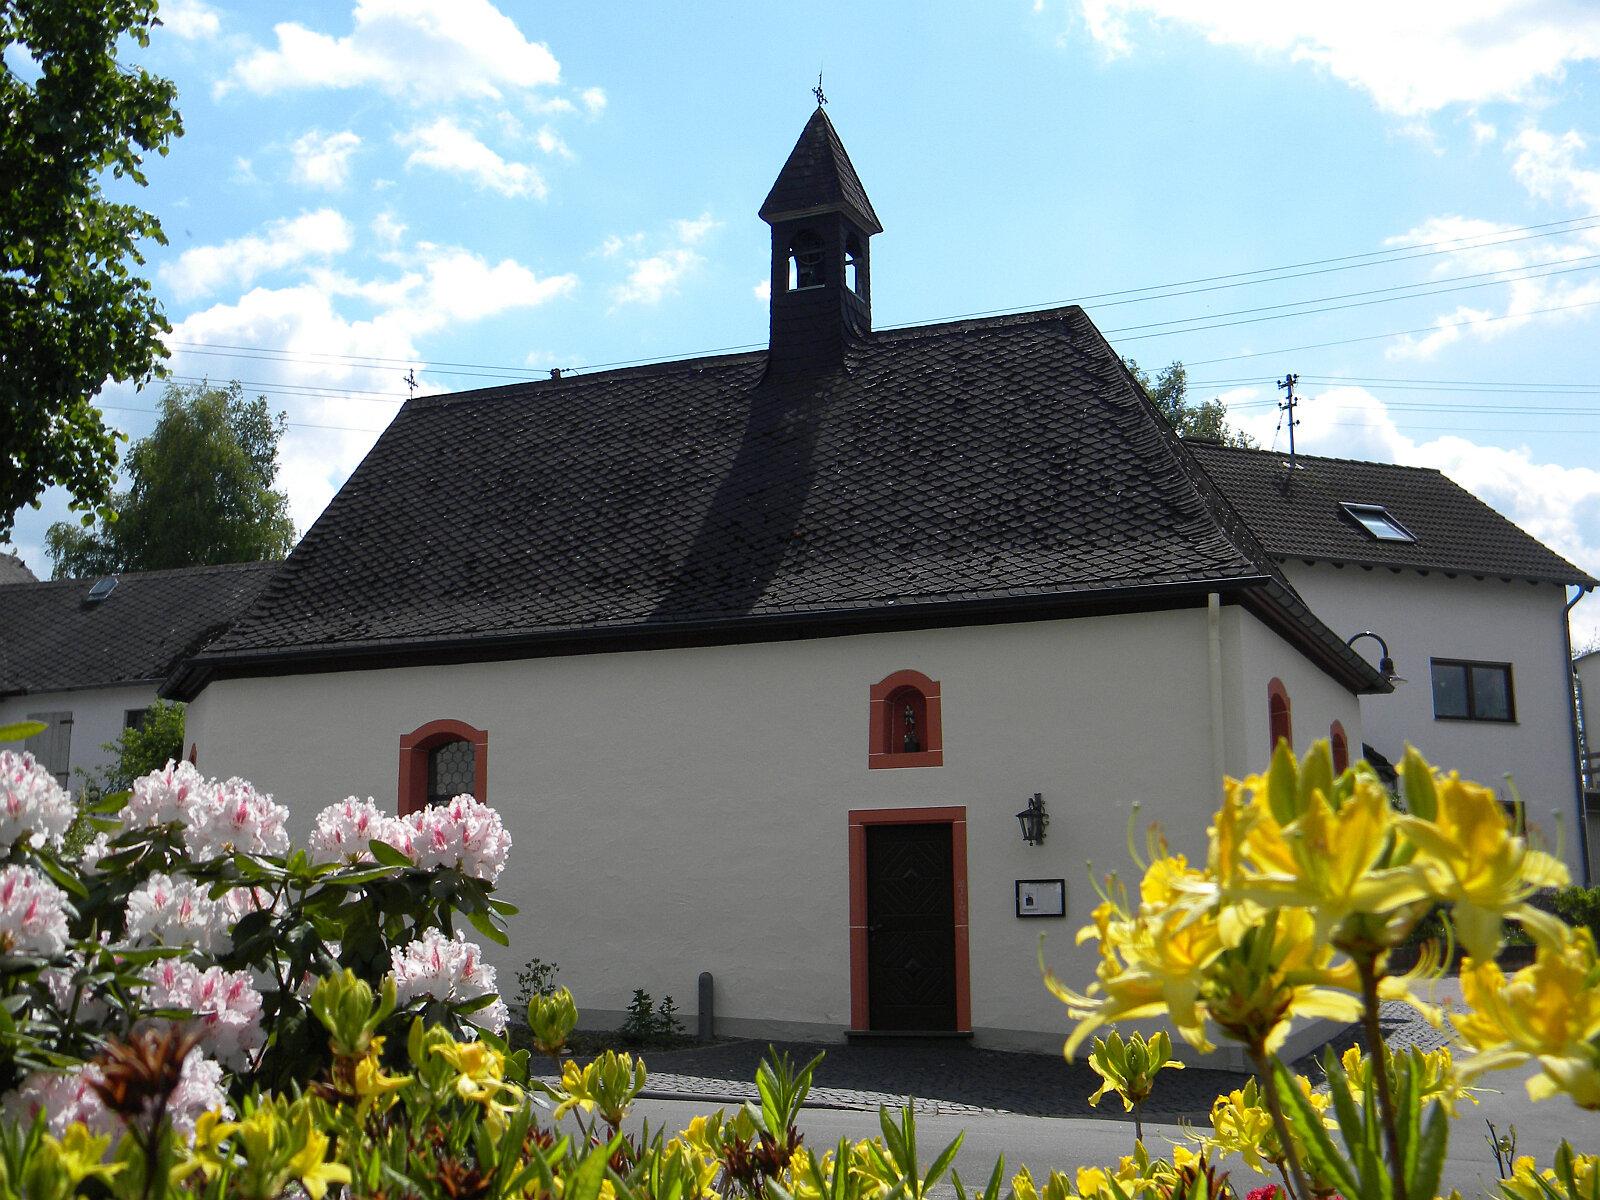 Ney - die Wendelinus-Kapelle - das Herzstueck von Ney